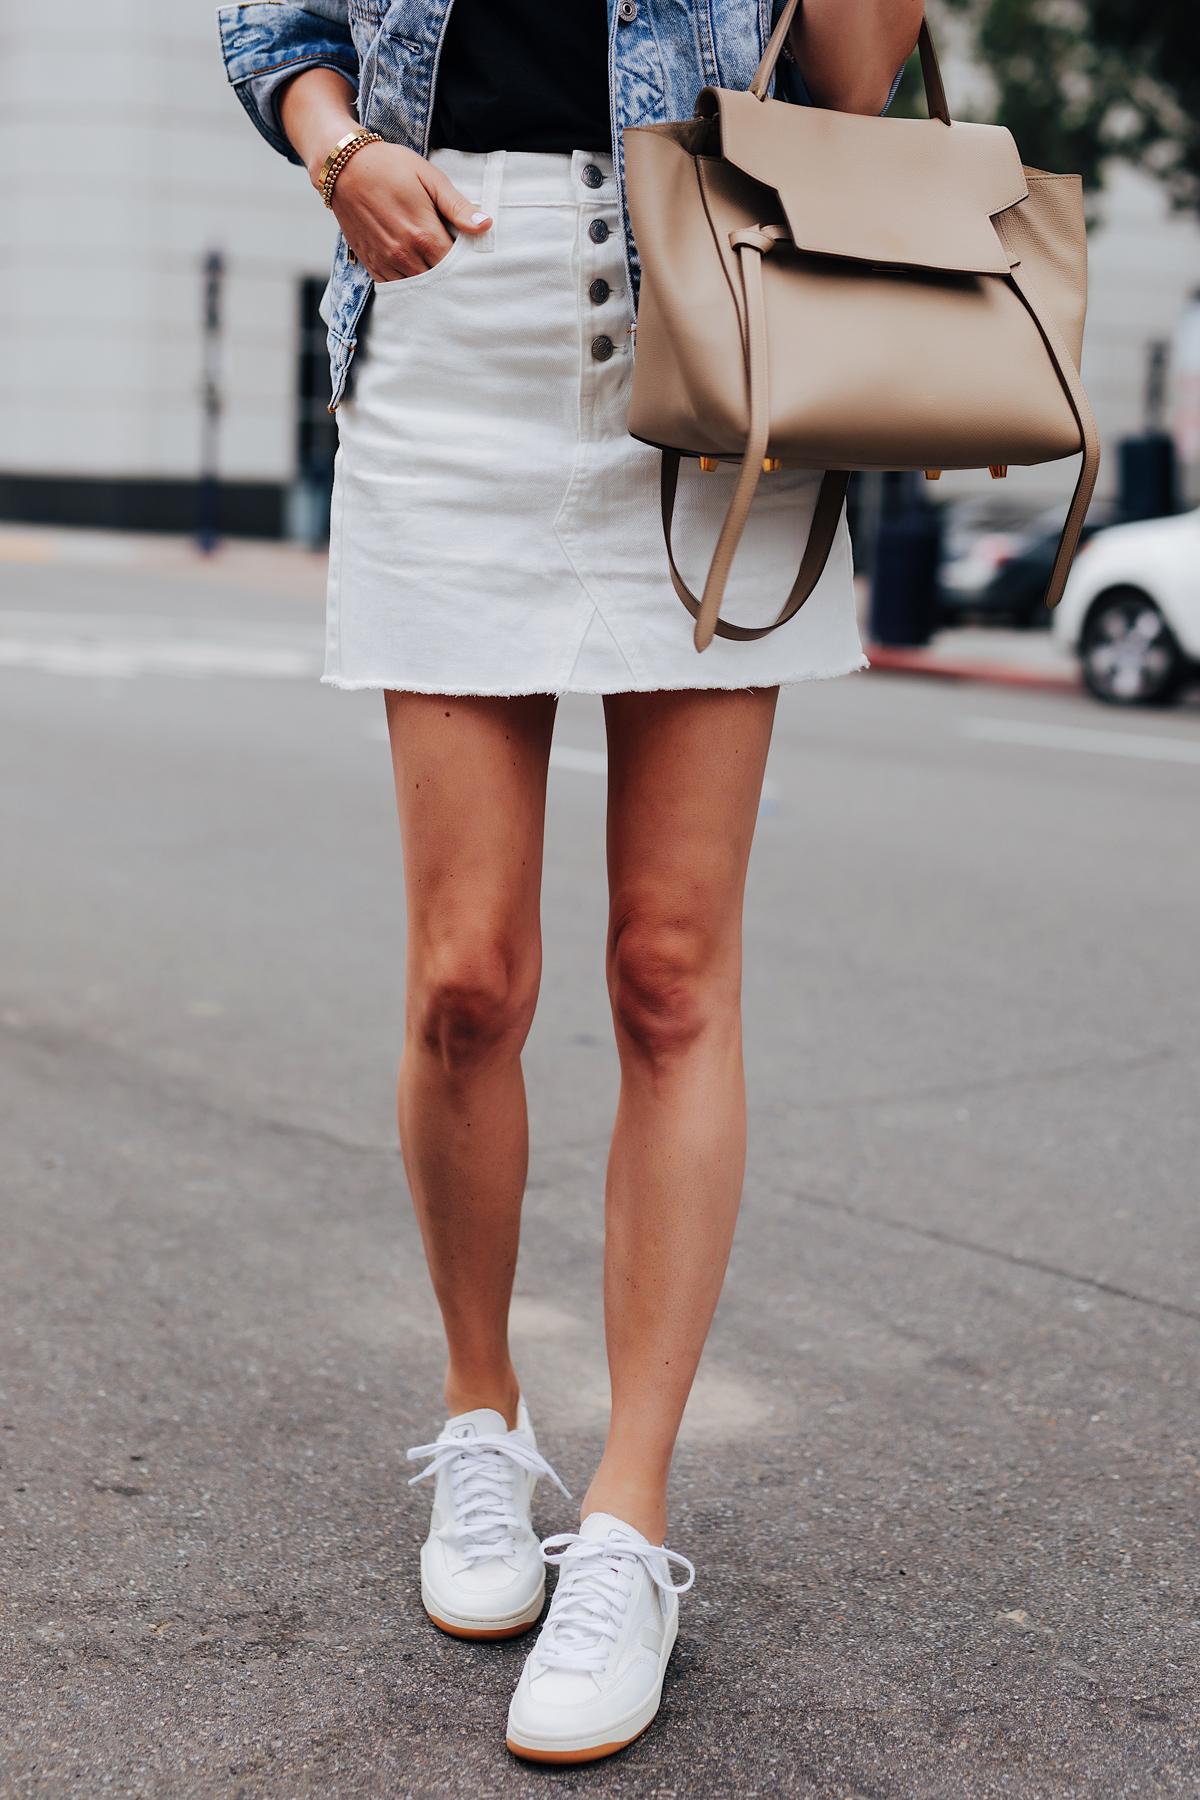 Fashion Jackson Wearing White Denim Skirt Veja V-12 White Sneakers Celine Mini Belt Bag Denim Jacket